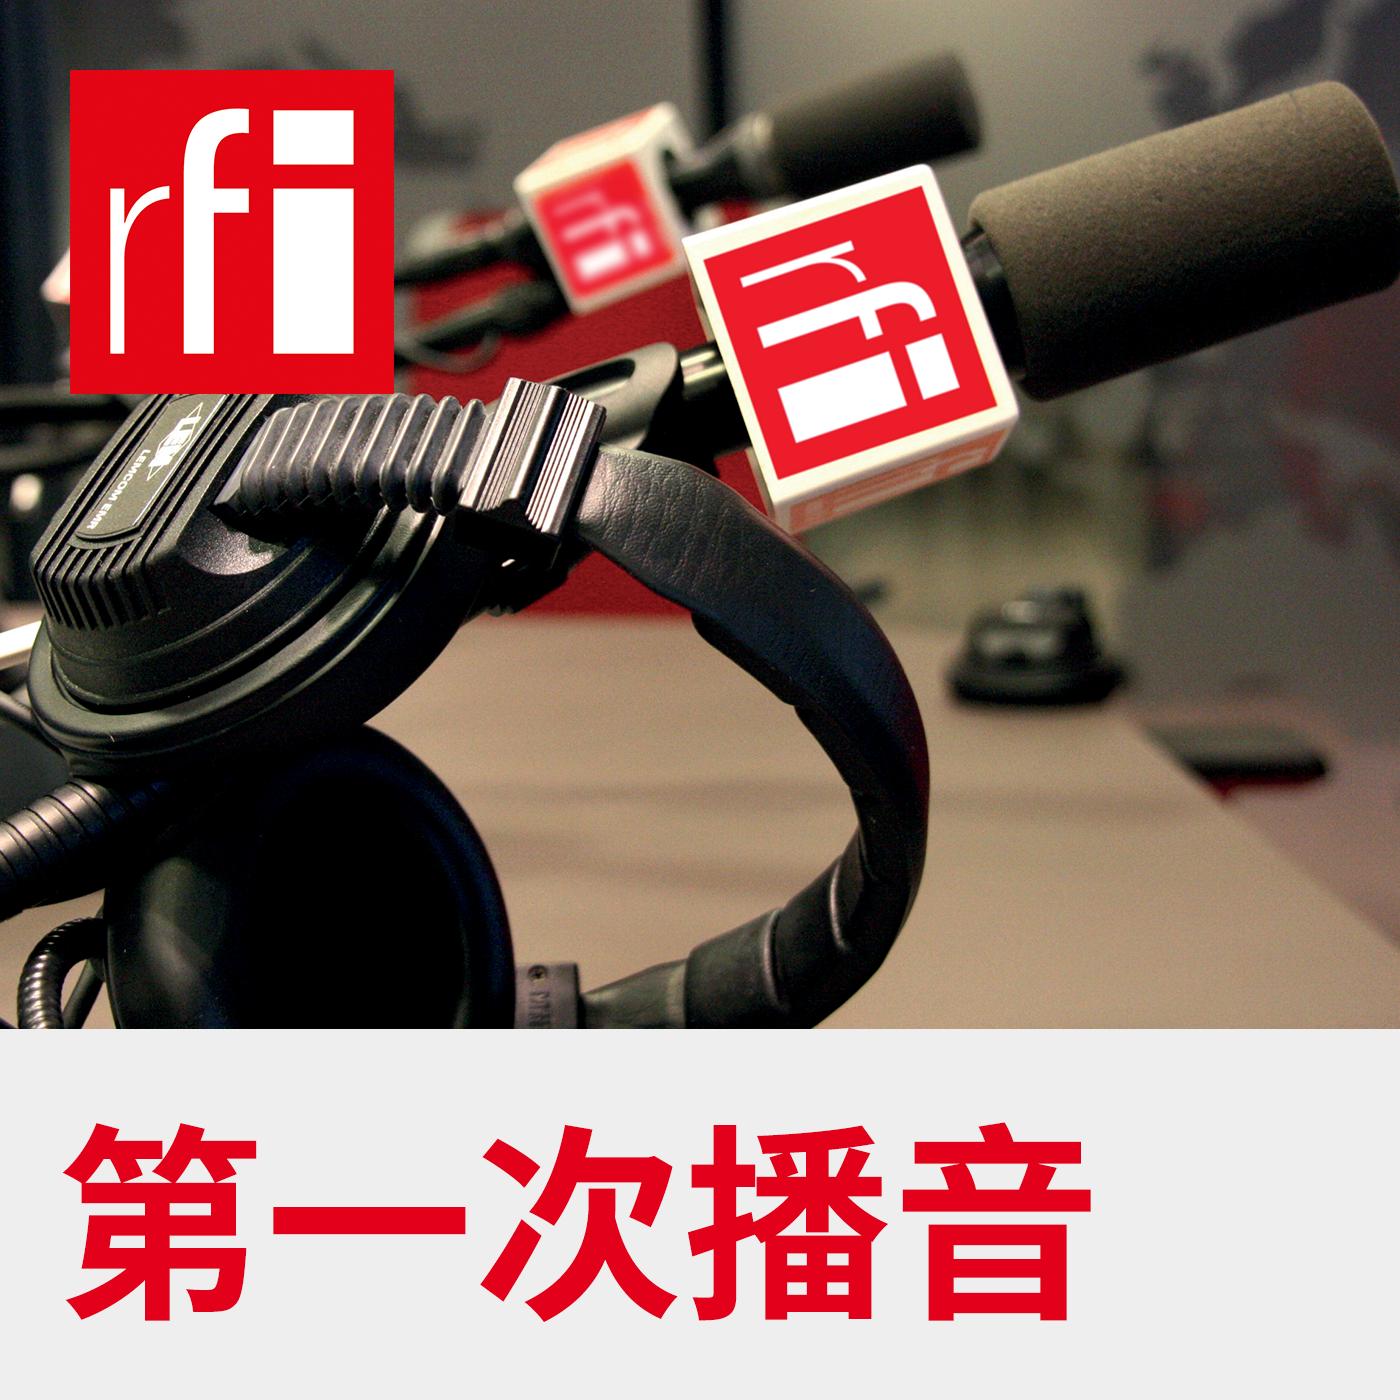 第一次播音 北京时间 06:00-07:00